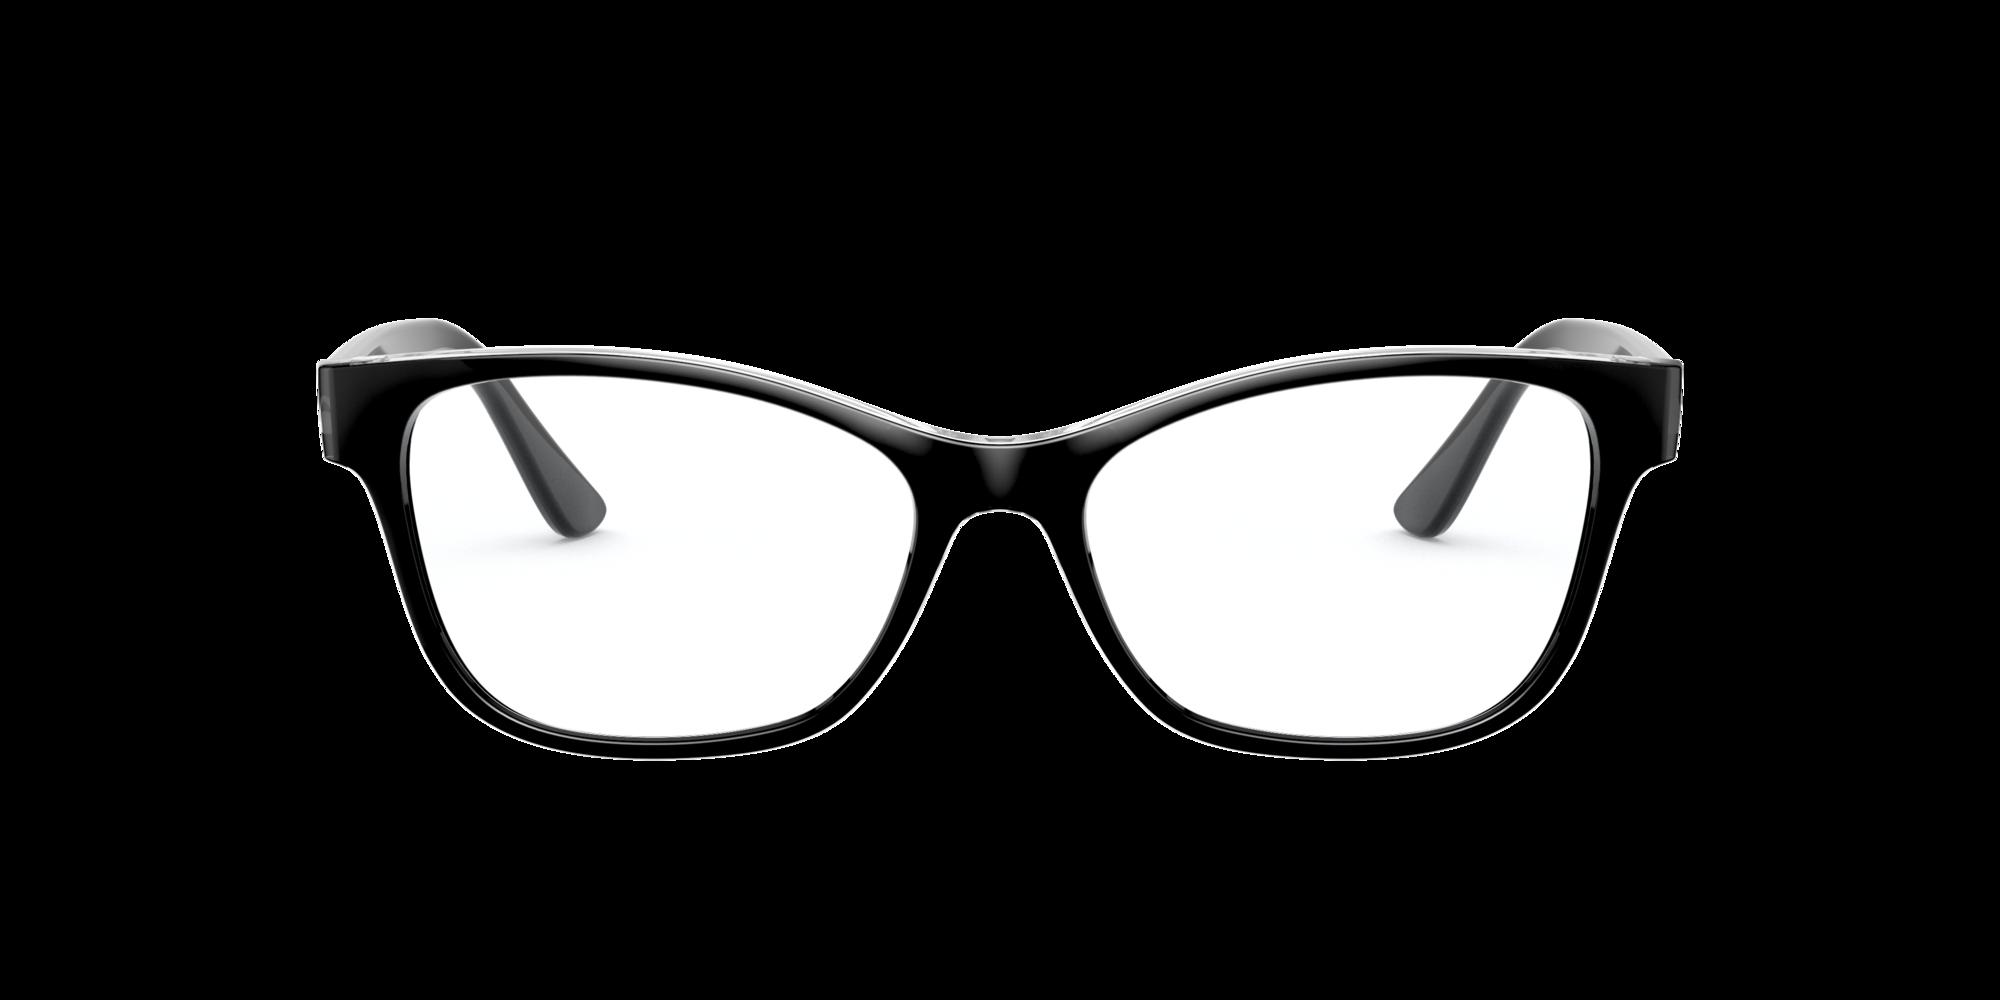 Imagen para VO5335 de LensCrafters |  Espejuelos, espejuelos graduados en línea, gafas